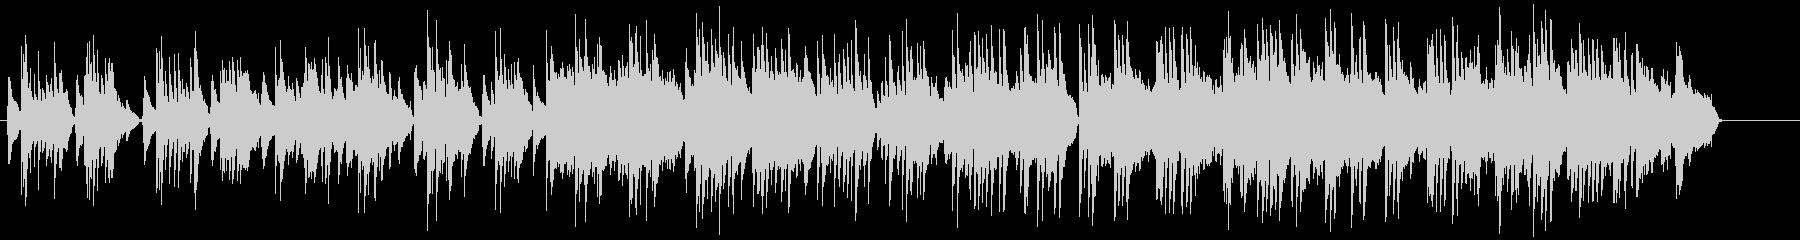 生ナイロンギターのしっとりしたバラードの未再生の波形